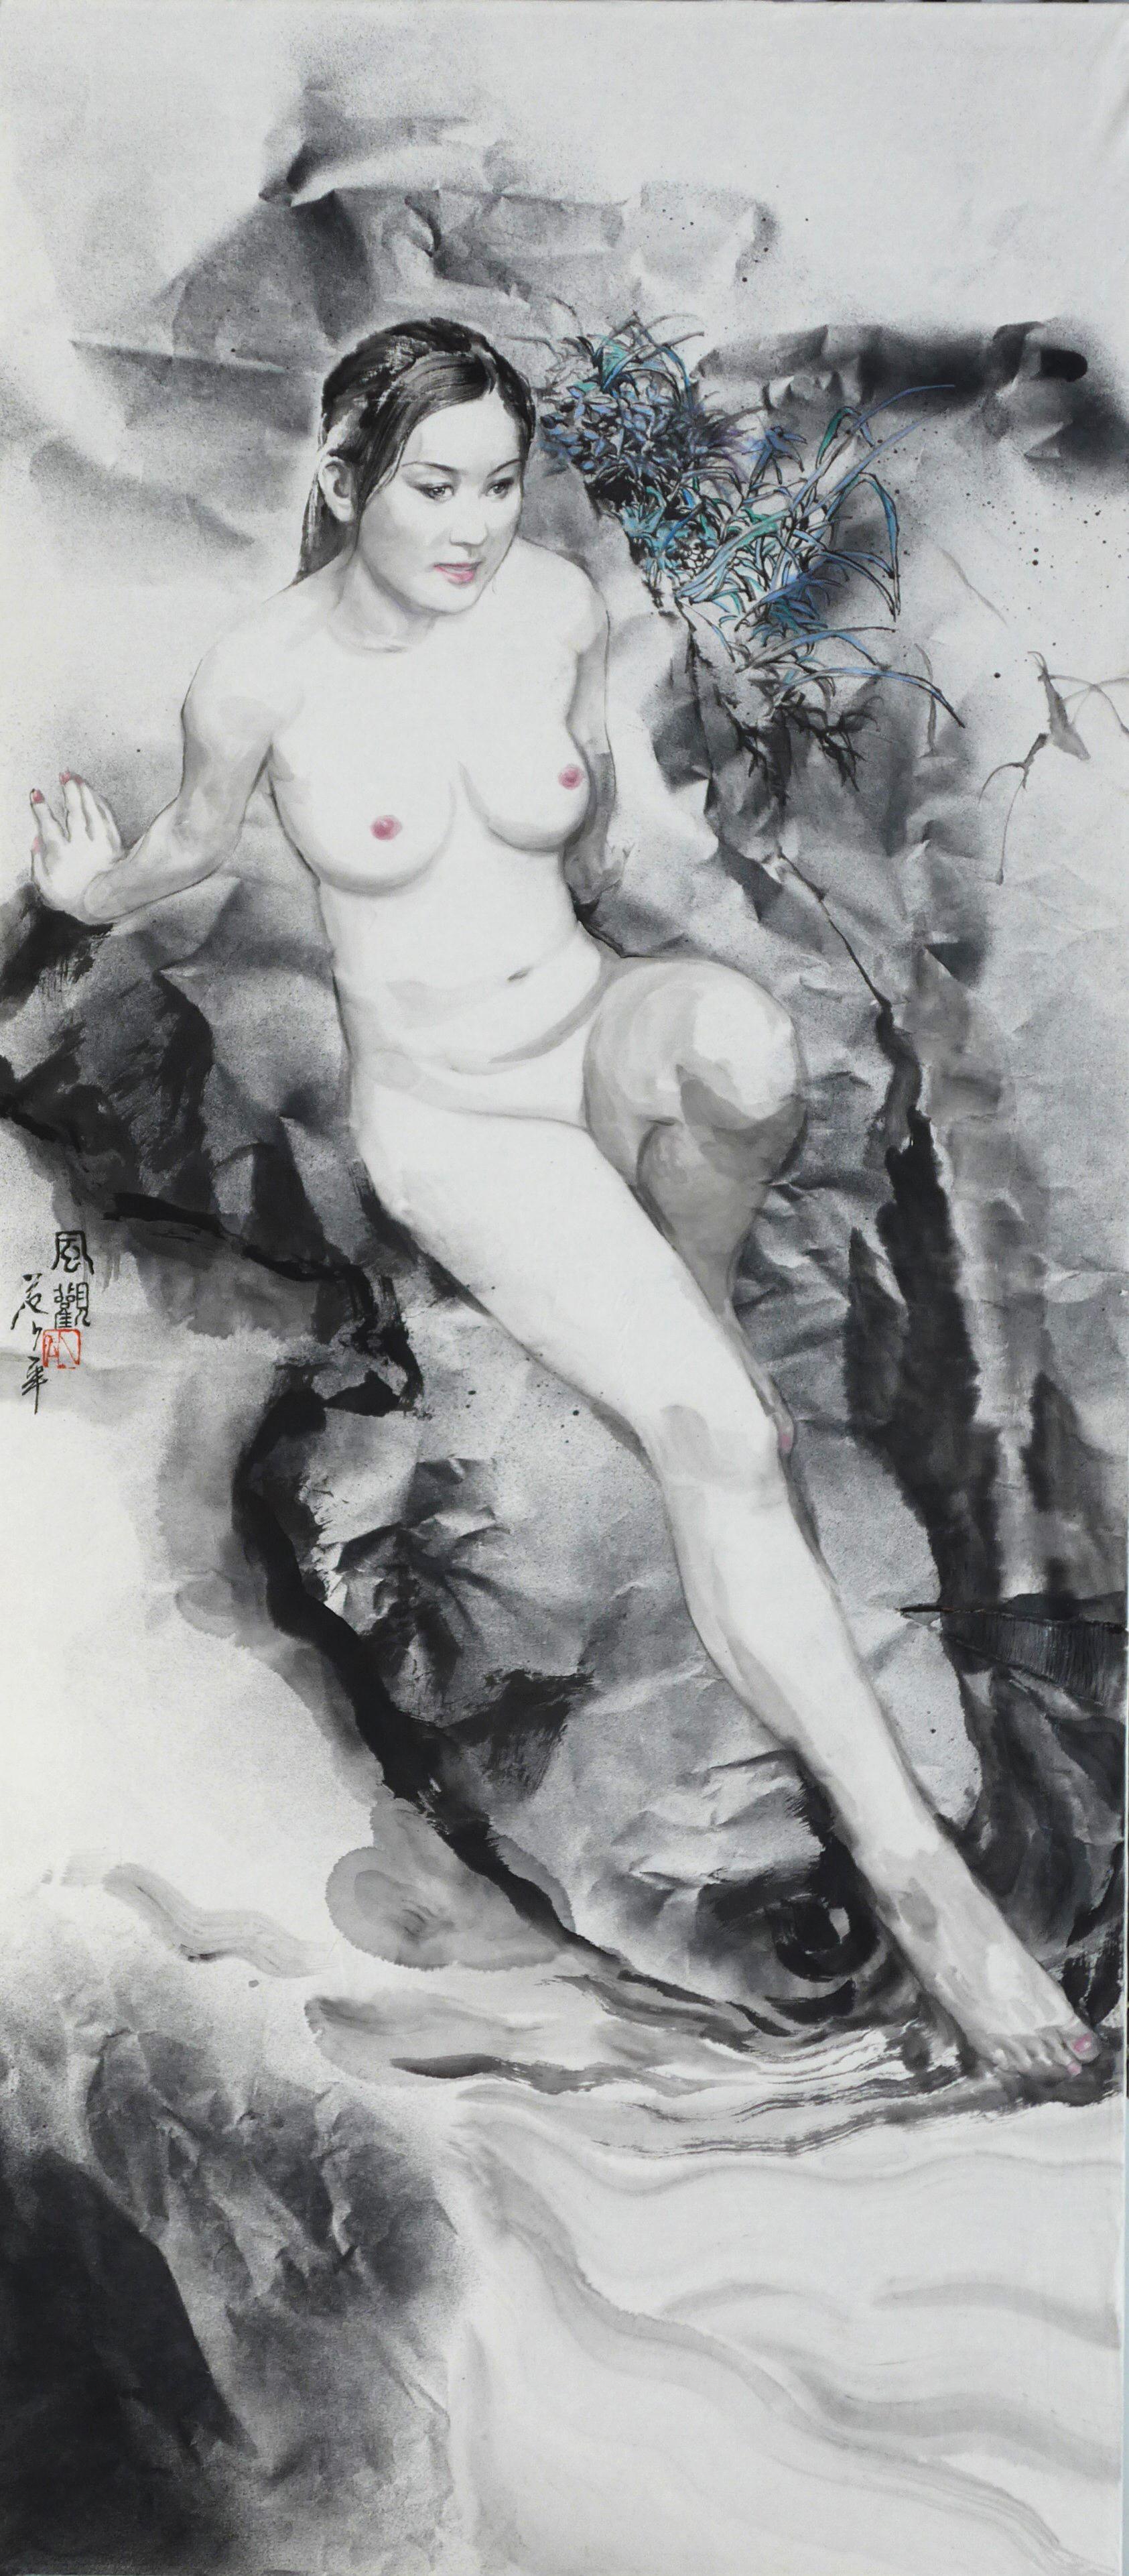 Fan Shao Hua Artwork for sale